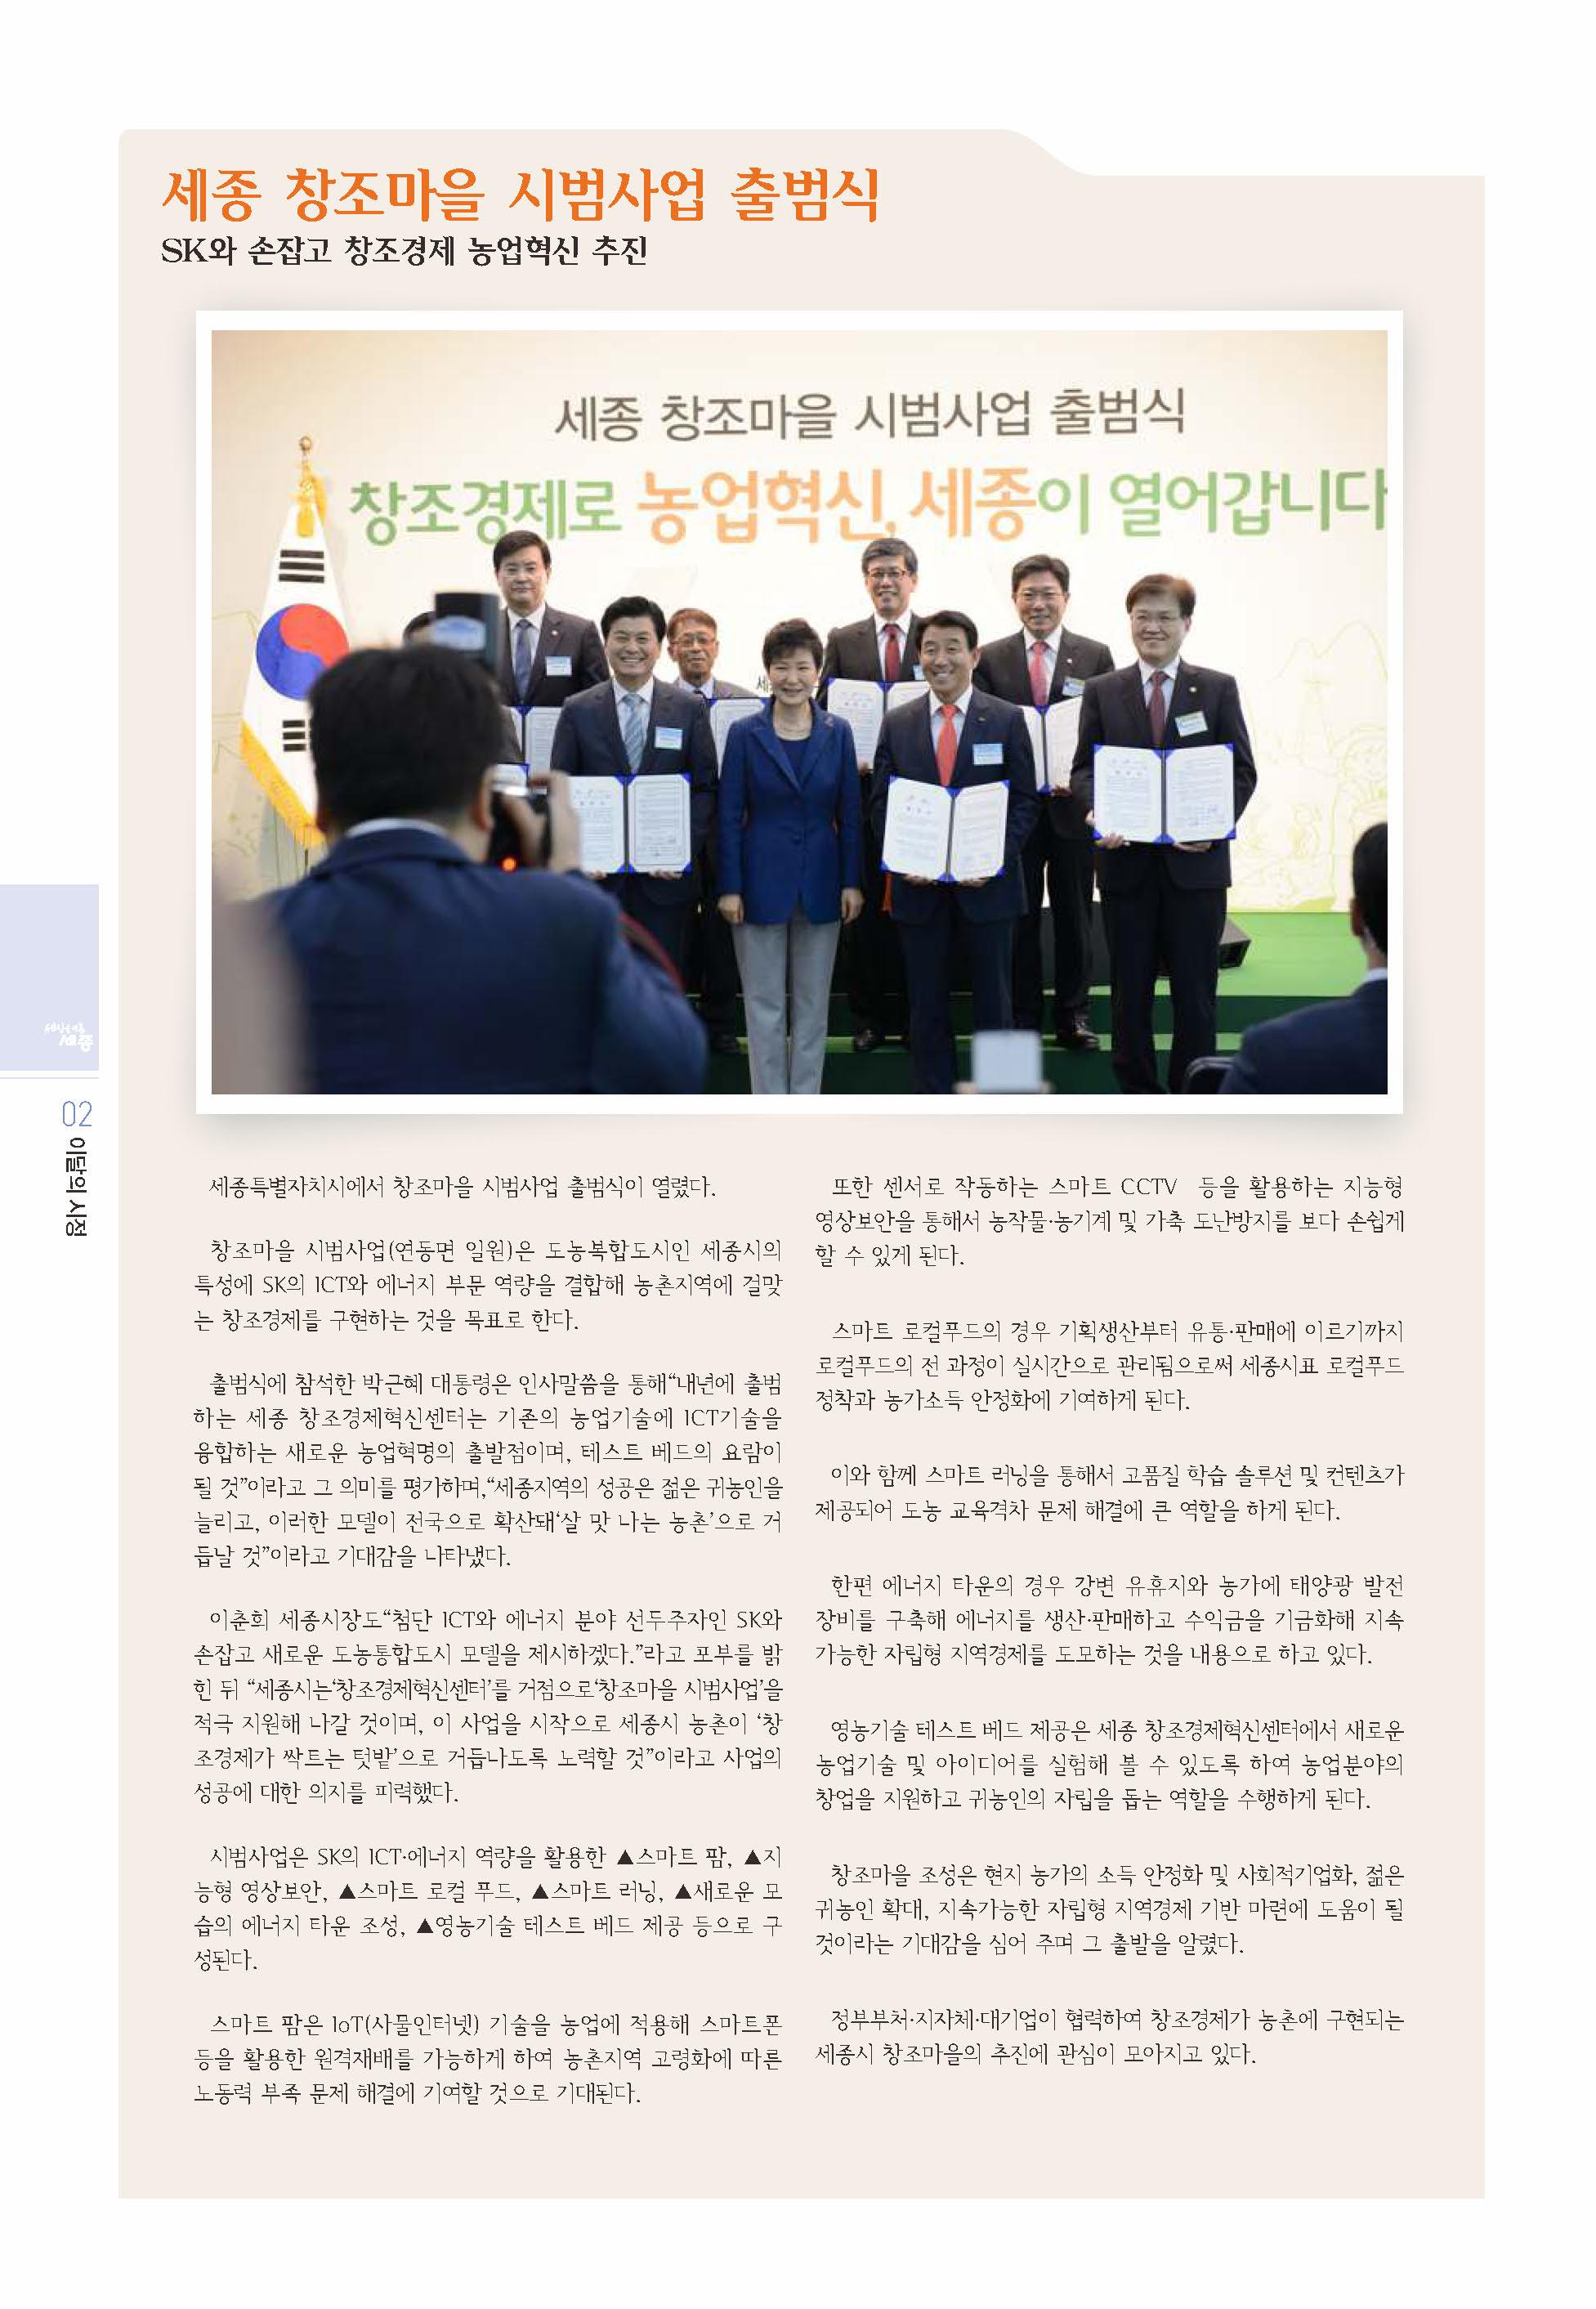 세종소식지 11월호_페이지_02.jpg